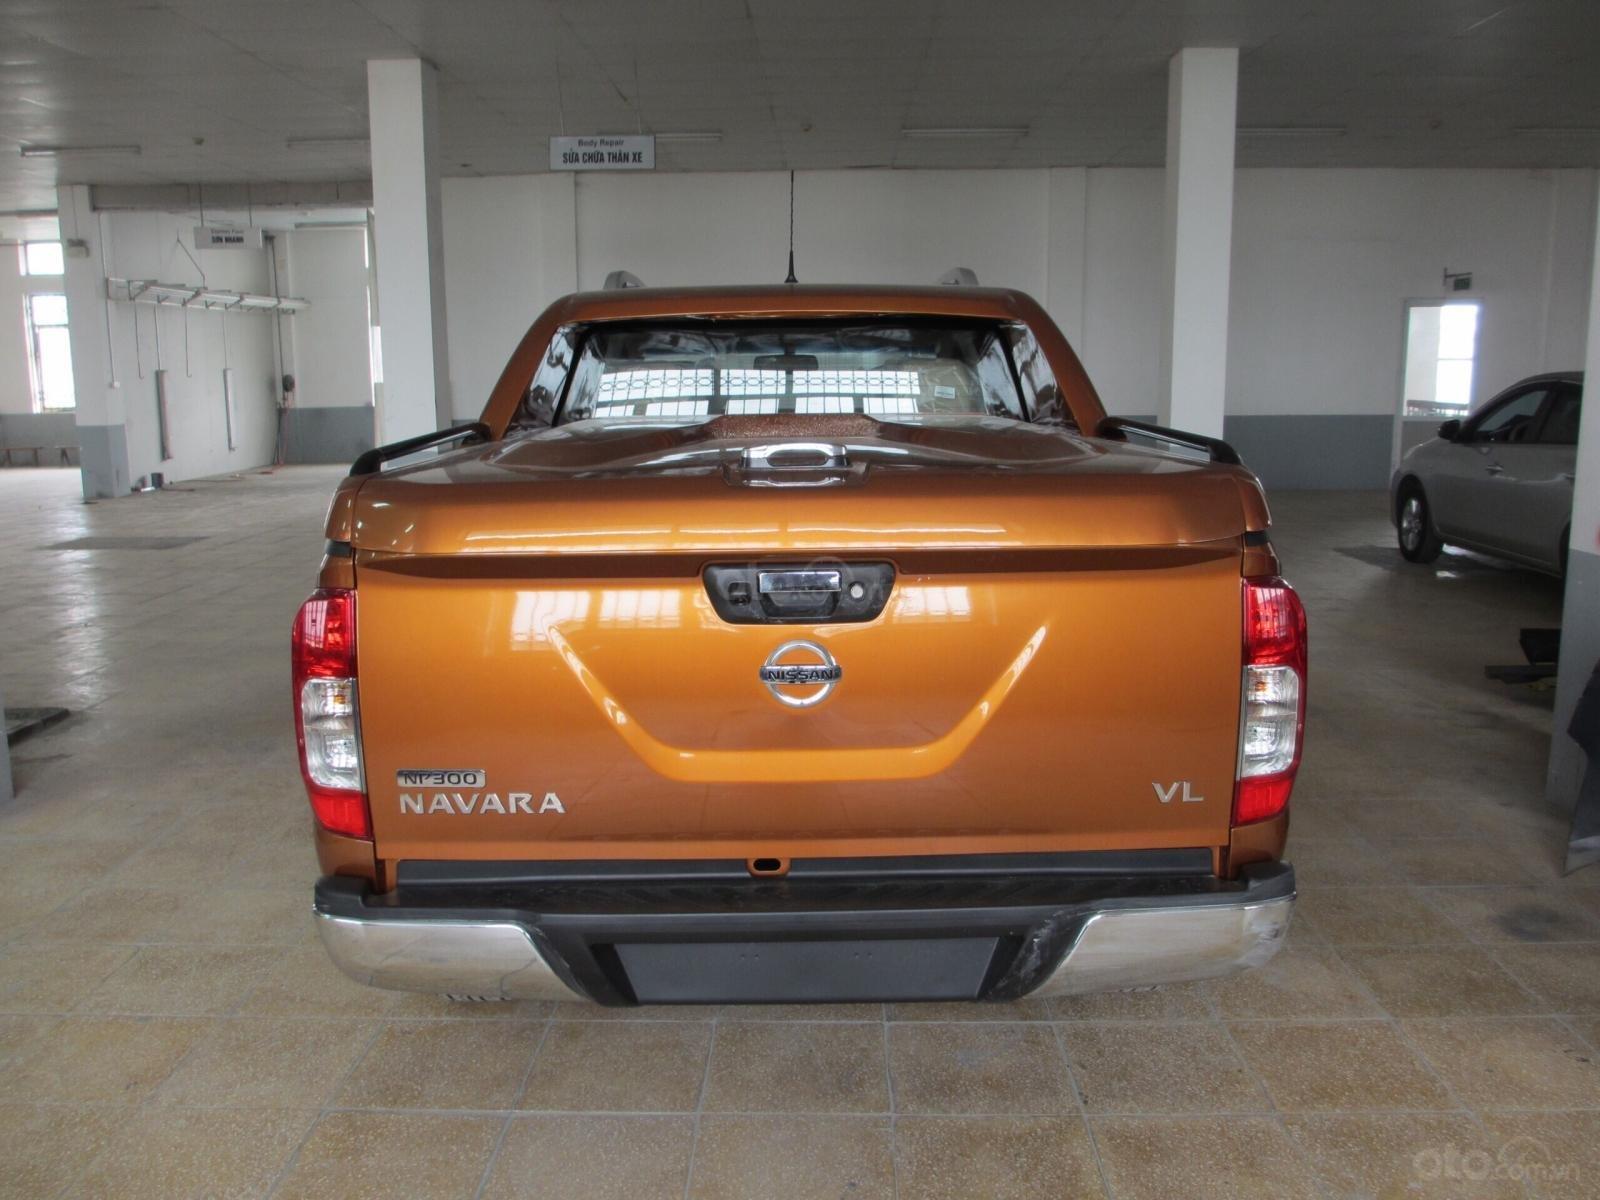 Bán ô tô Nissan Navara VL 2019, màu cam, nhập khẩu-2